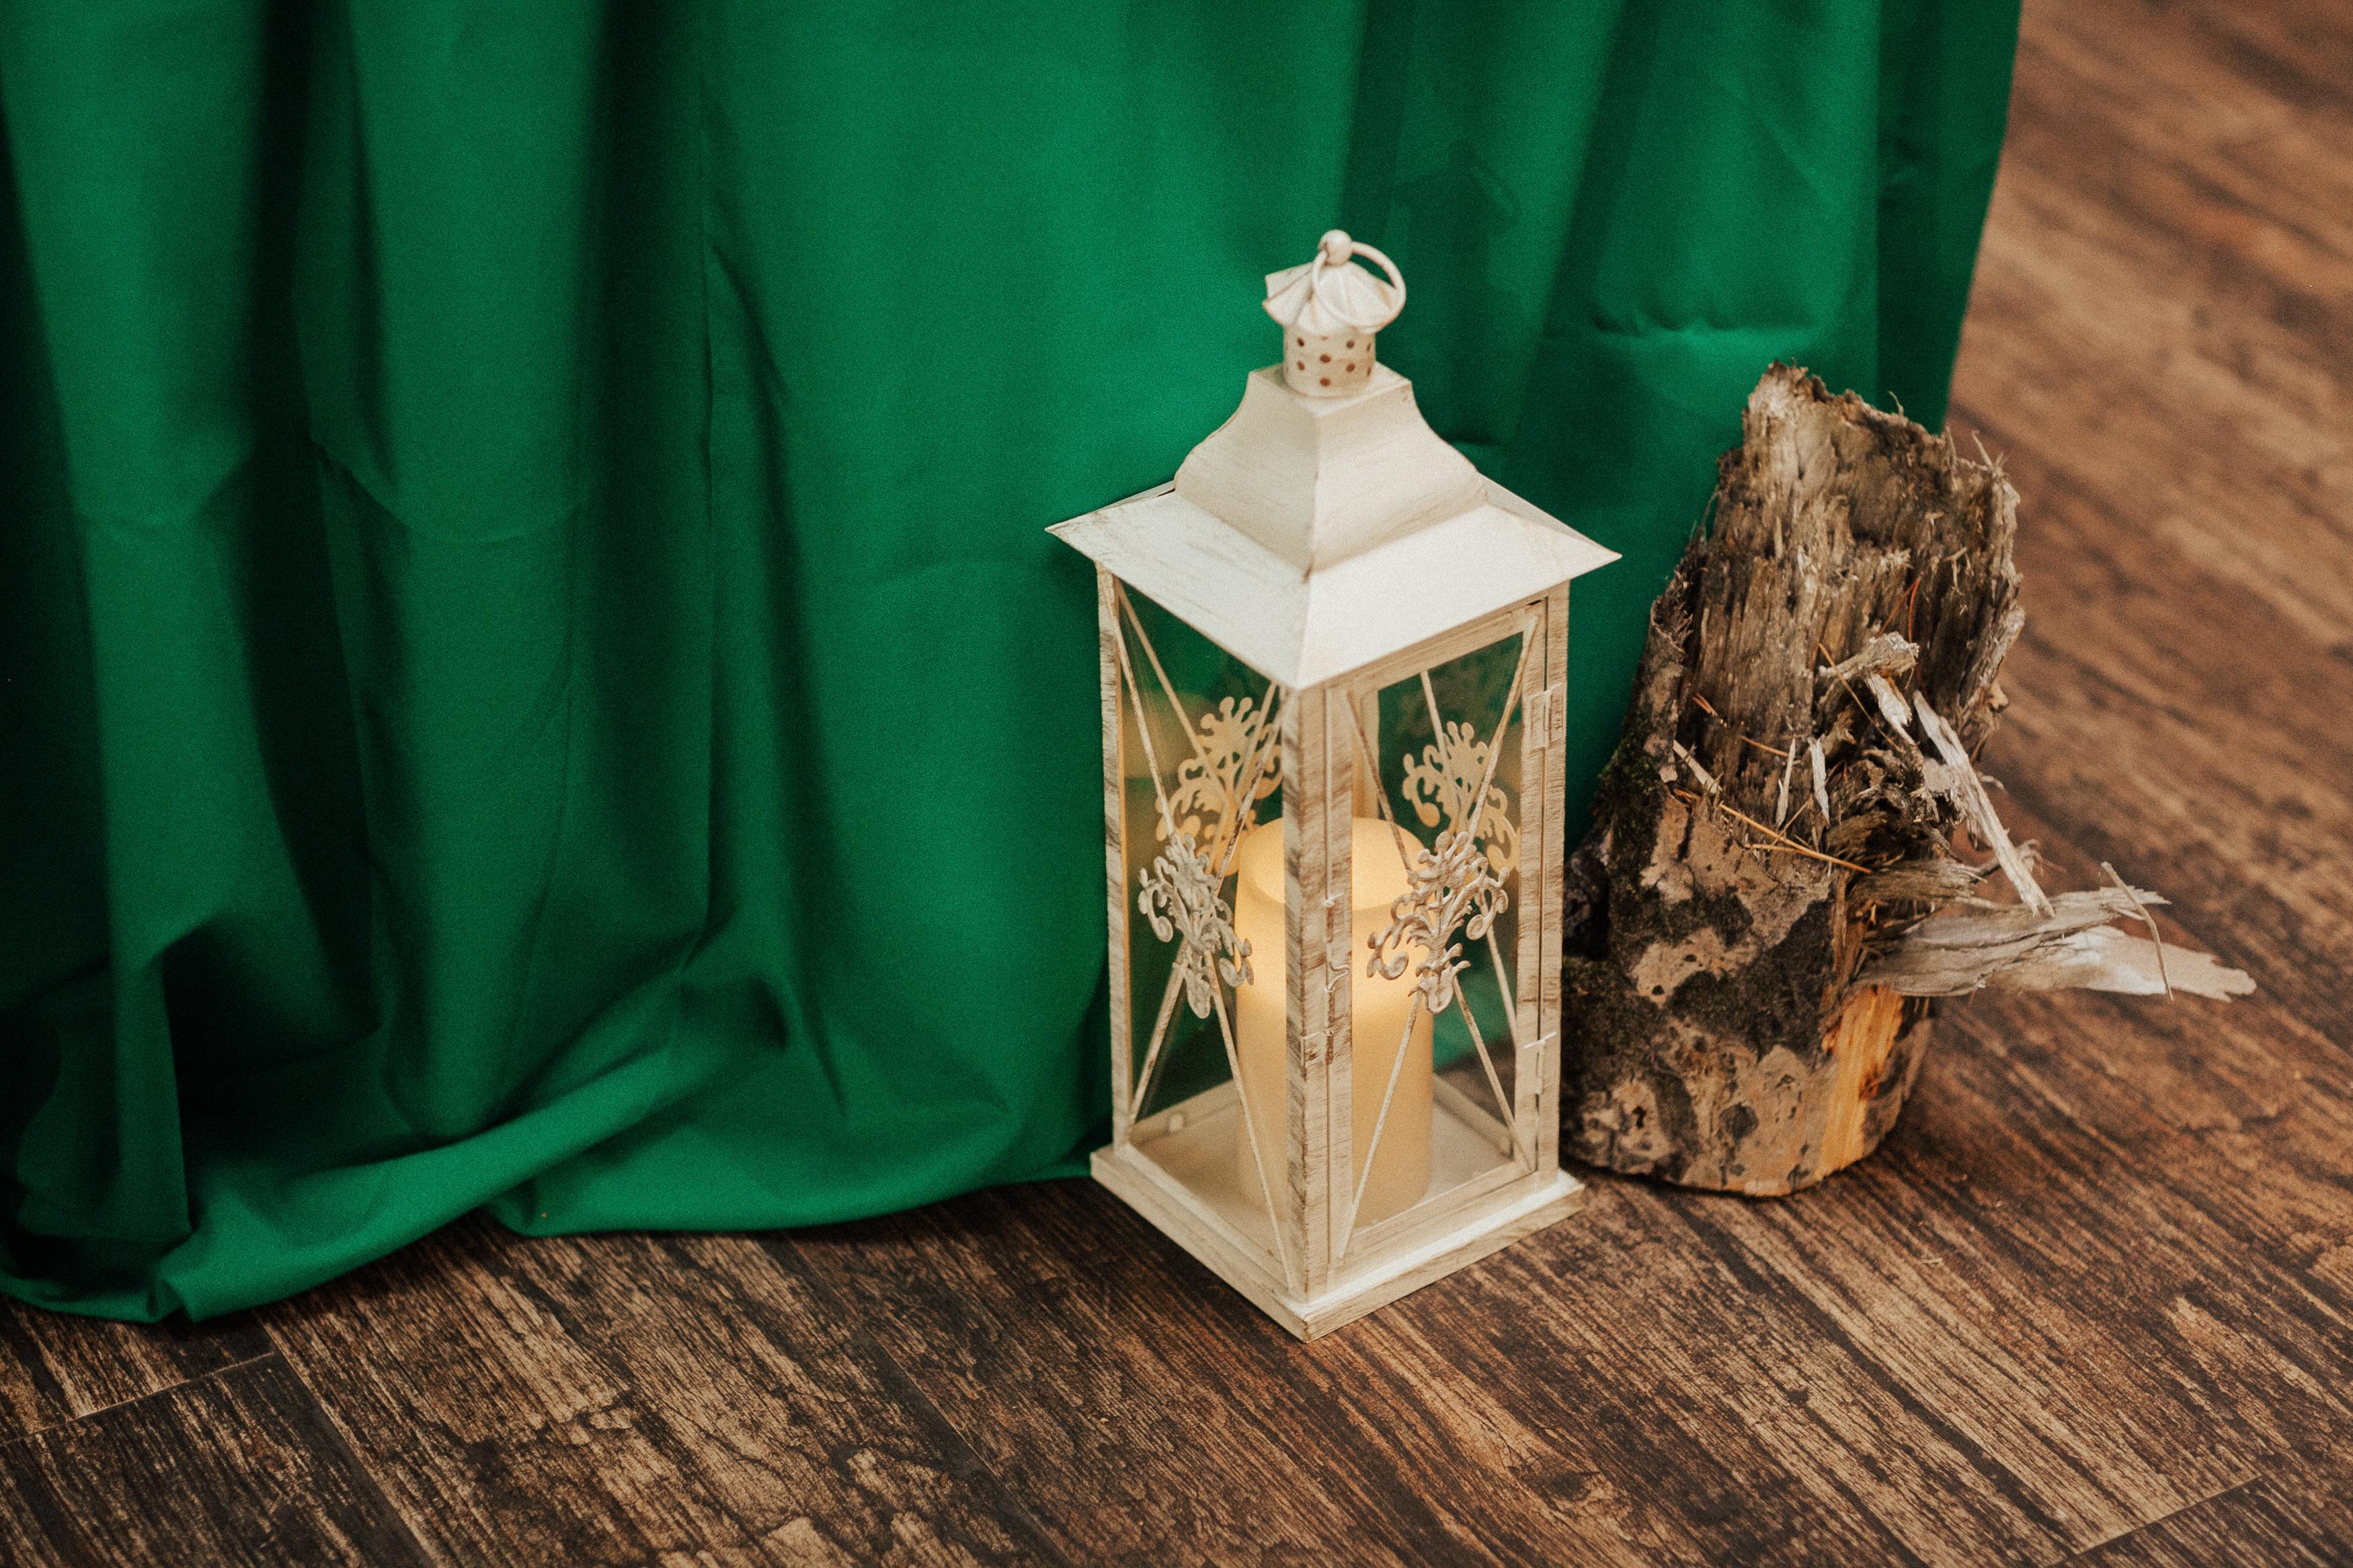 Фонарь, стекло 2 шт, высота 23  см и 17см, стоимость 500руб/штука